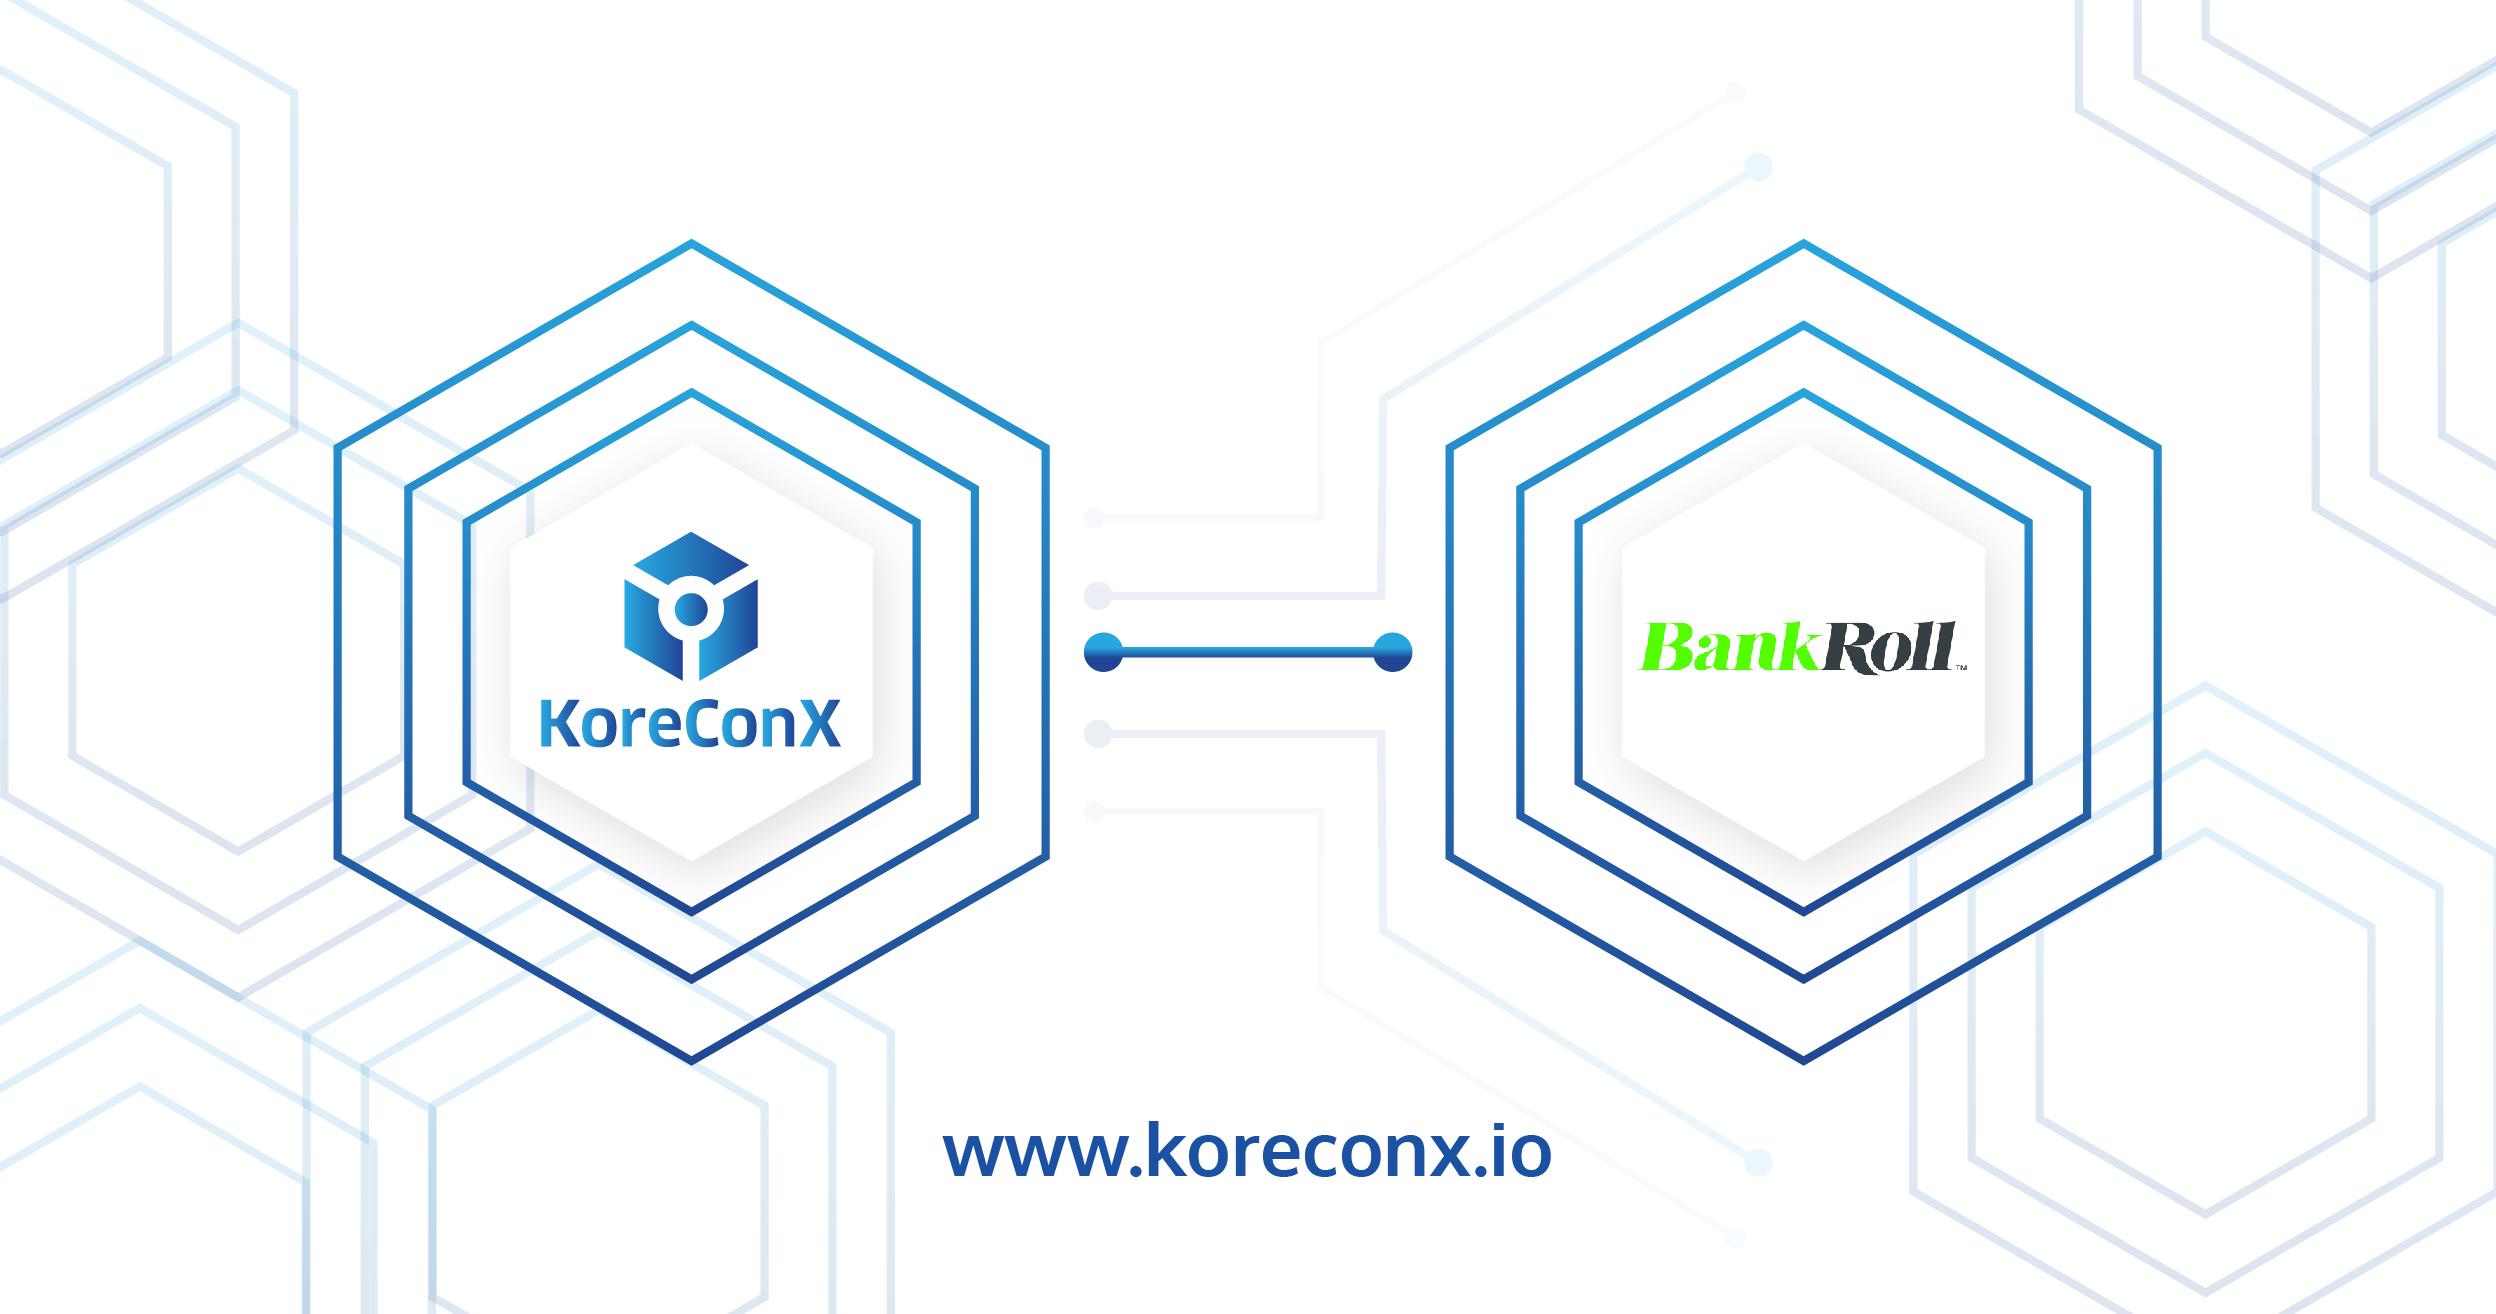 KoreConX BankRoll